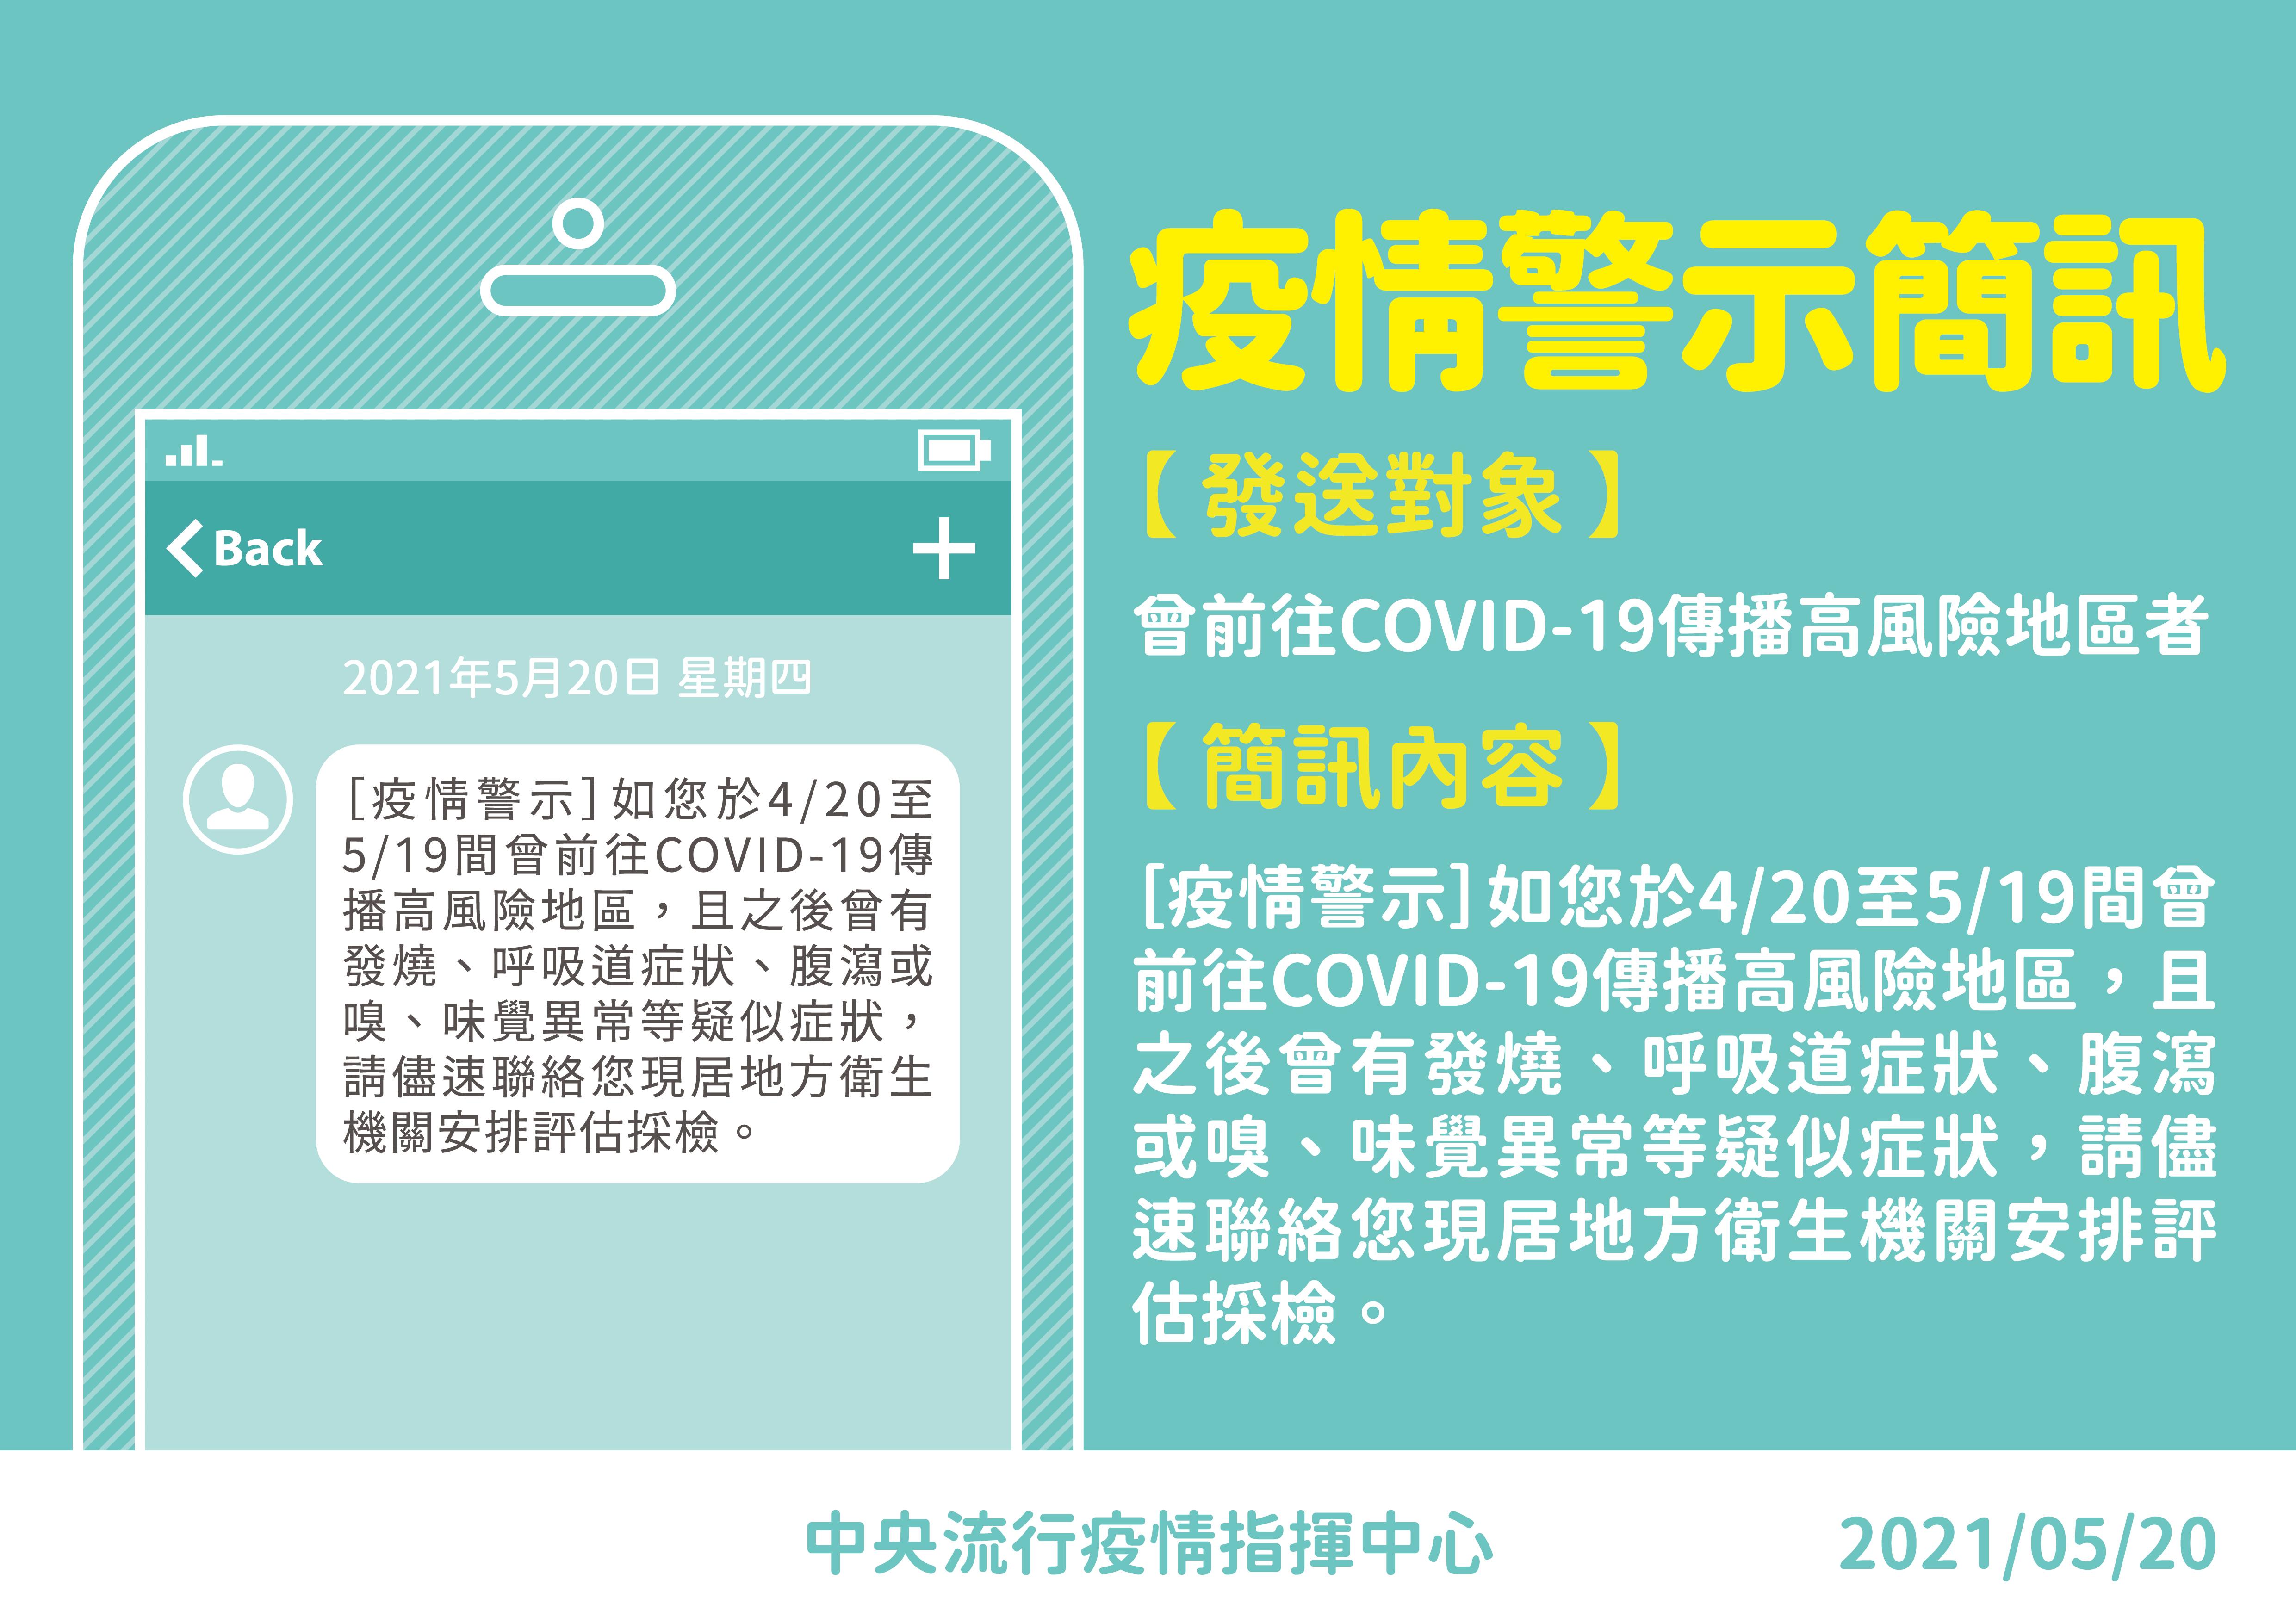 疫情警示簡訊下午將發送。(圖/指揮中心提供) 「疫情警示簡訊」15時發送!這段時間去過高風險區注意